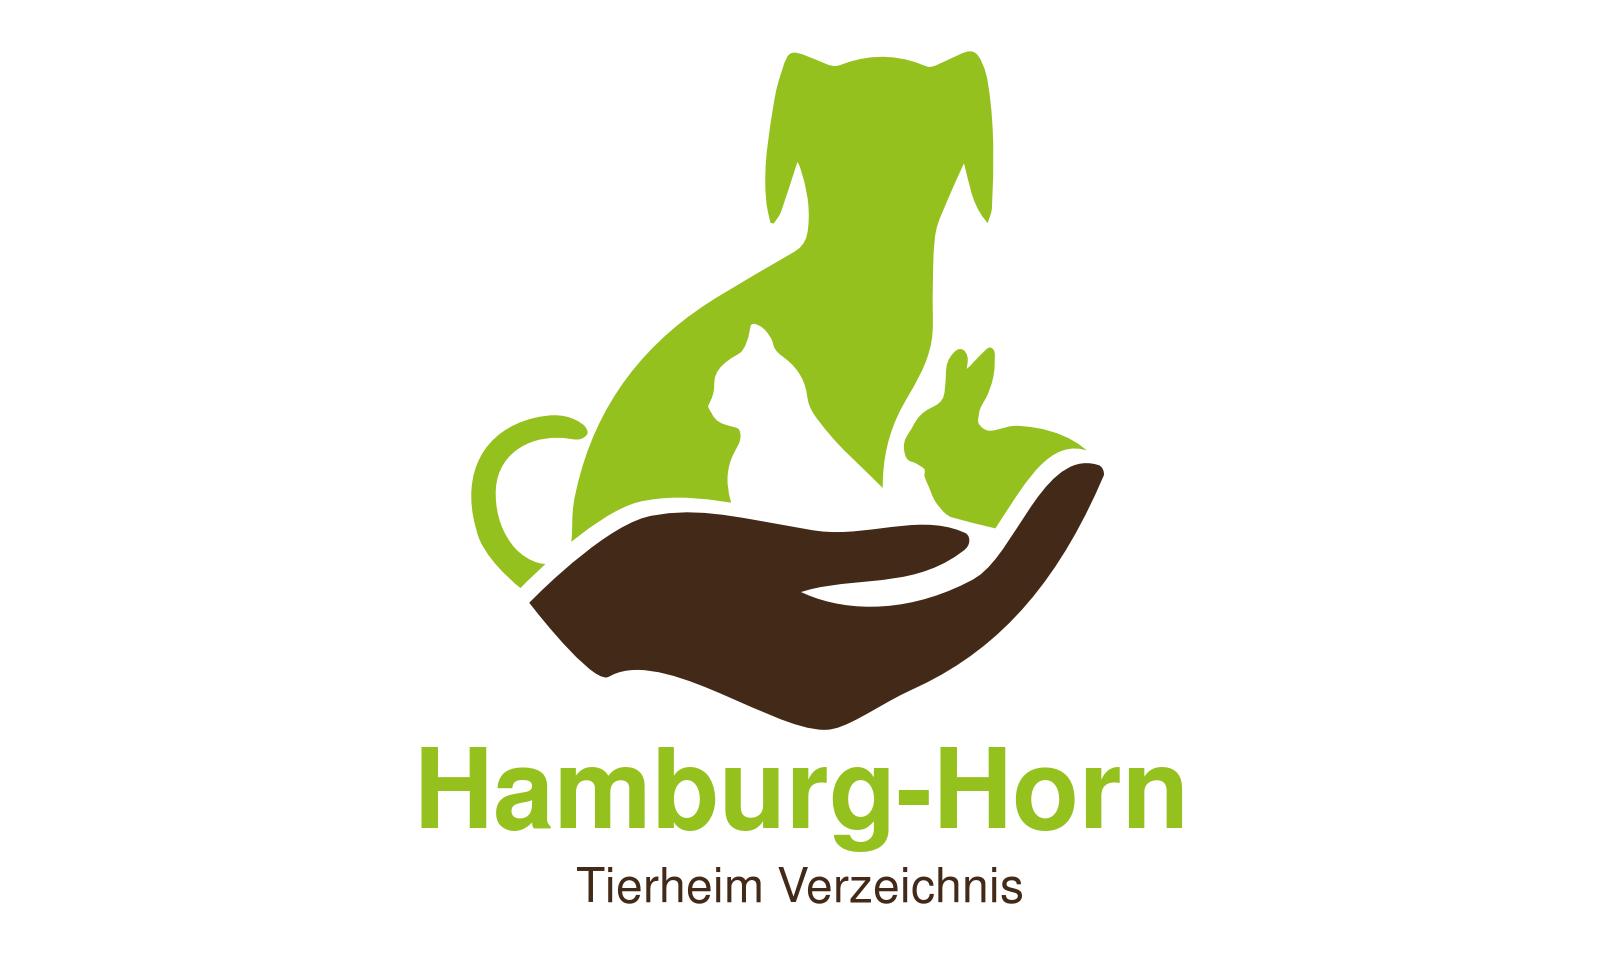 Tierheim Hamburg Horn